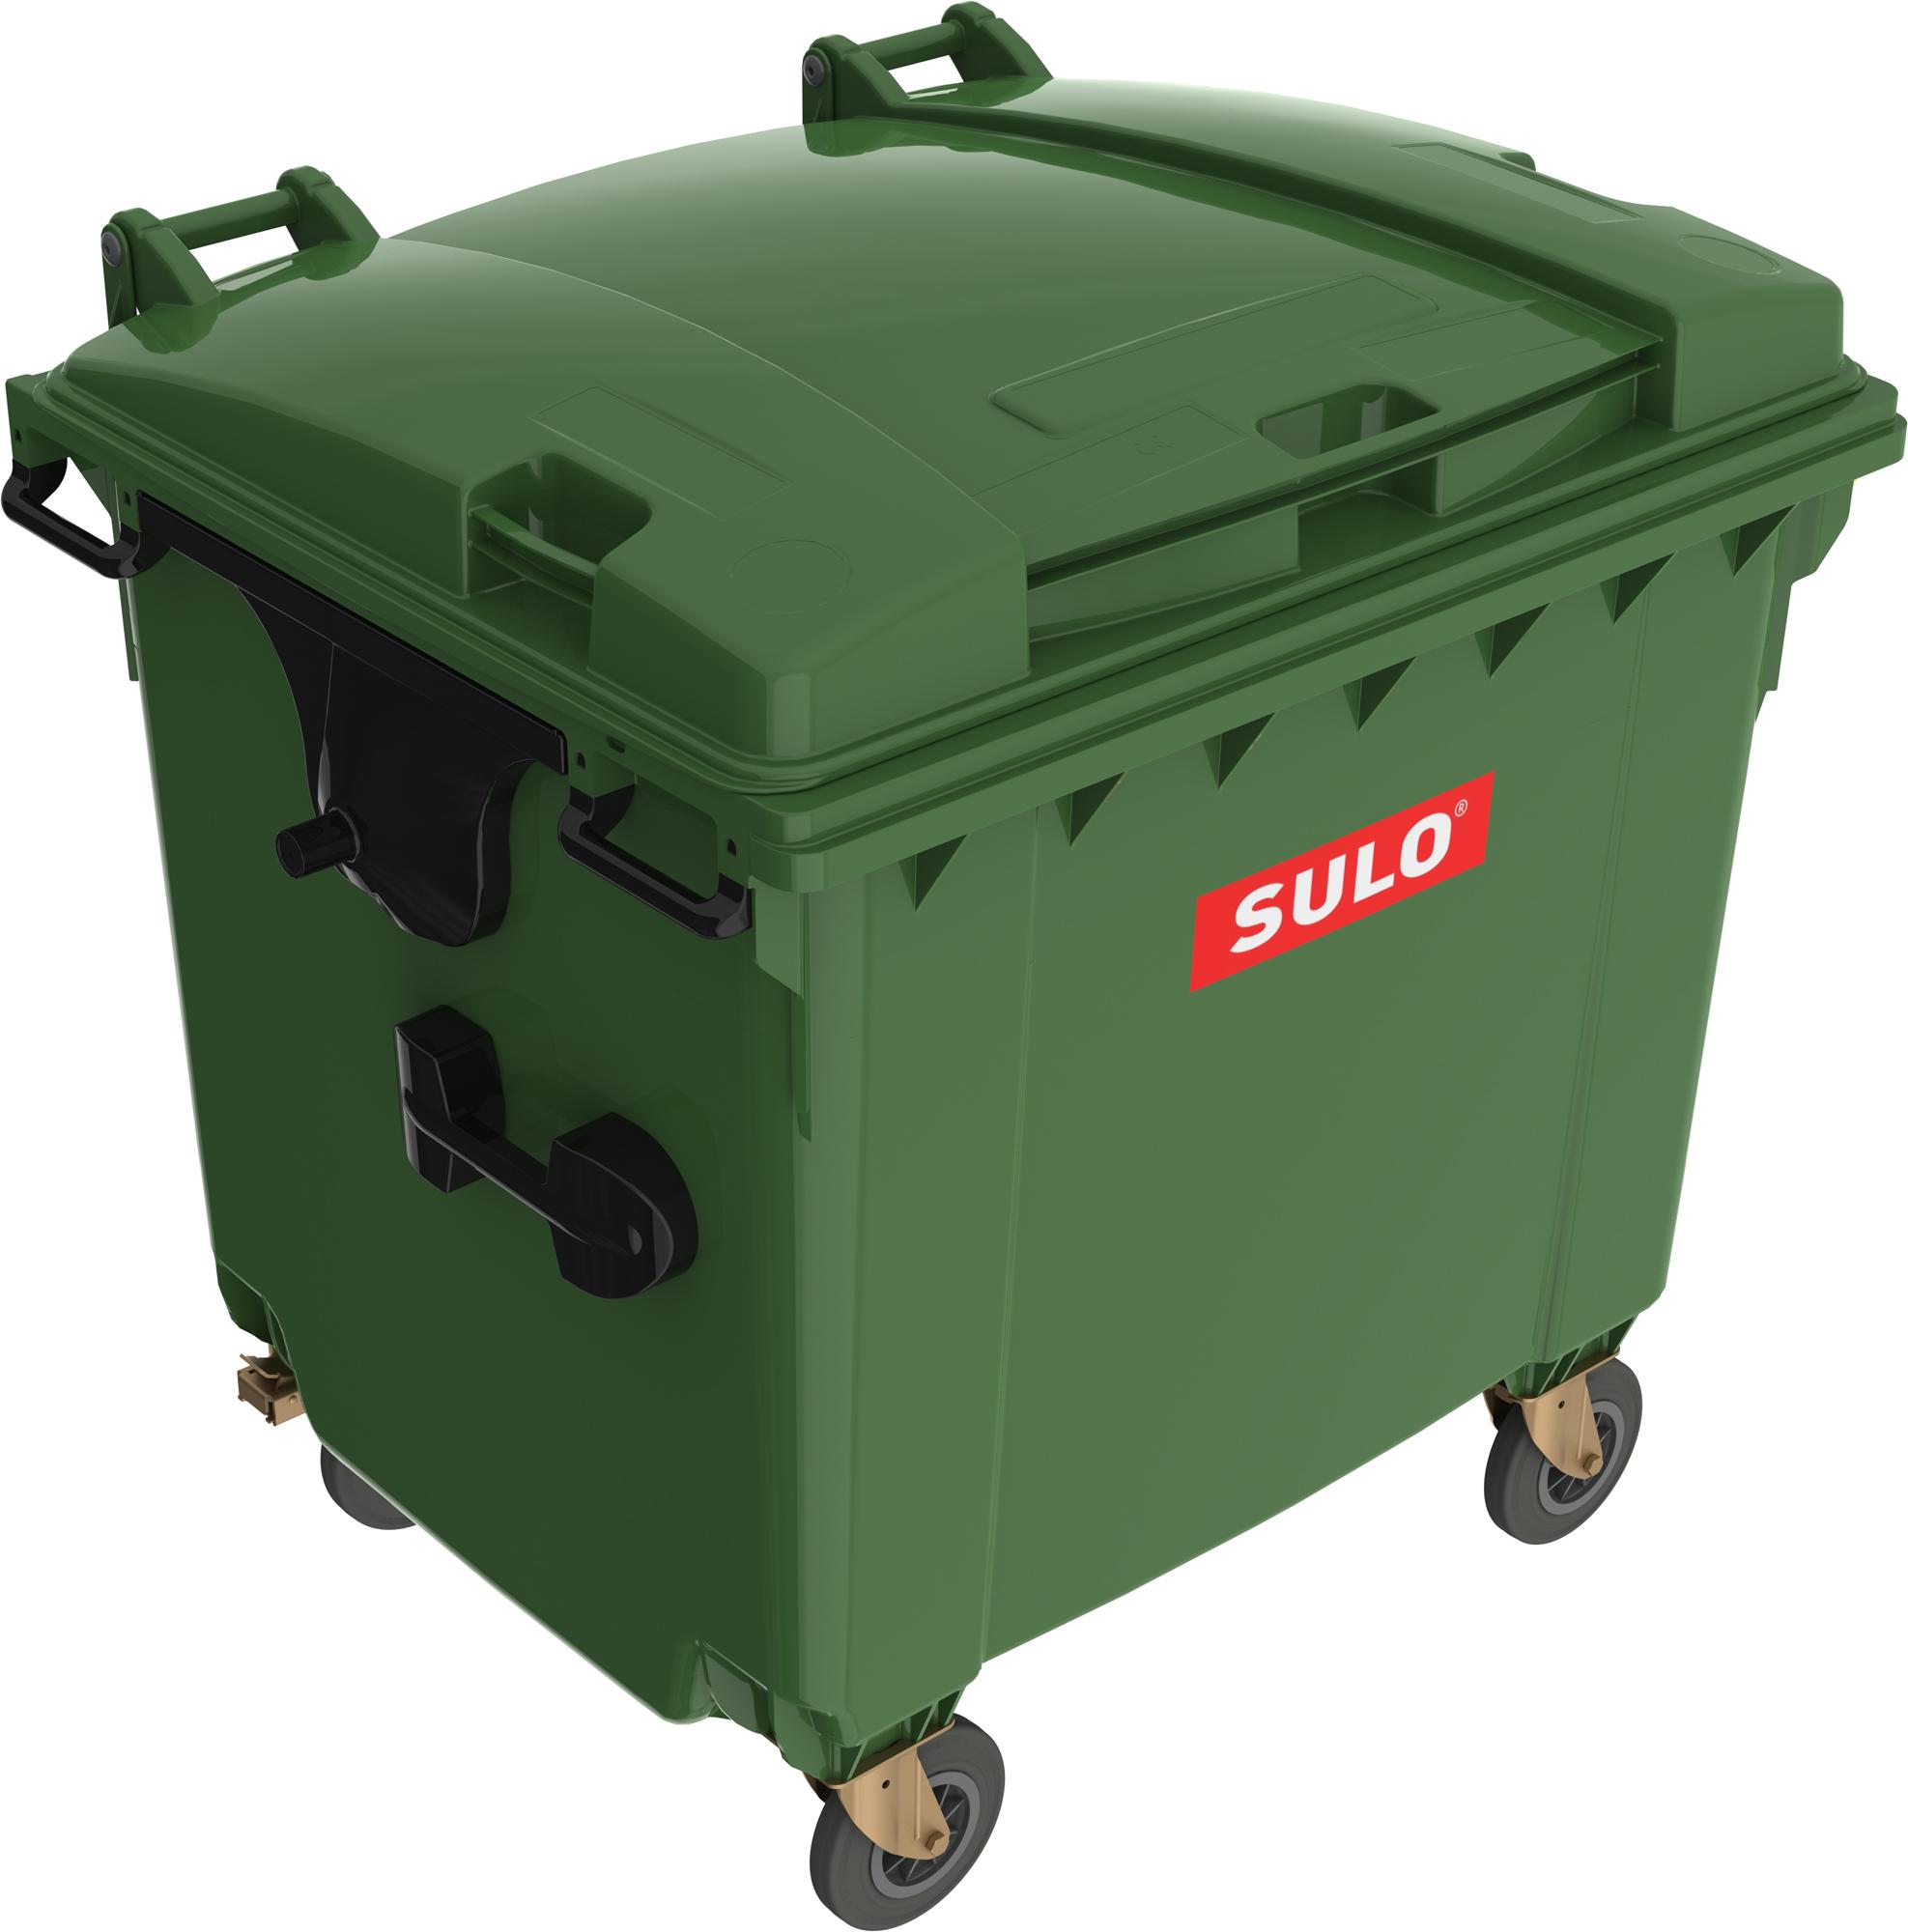 Eurocontainer Din Material Plastic 1100 L Verde Cu Capac Plat Mevatec - Transport Inclus 2021 sanito.ro